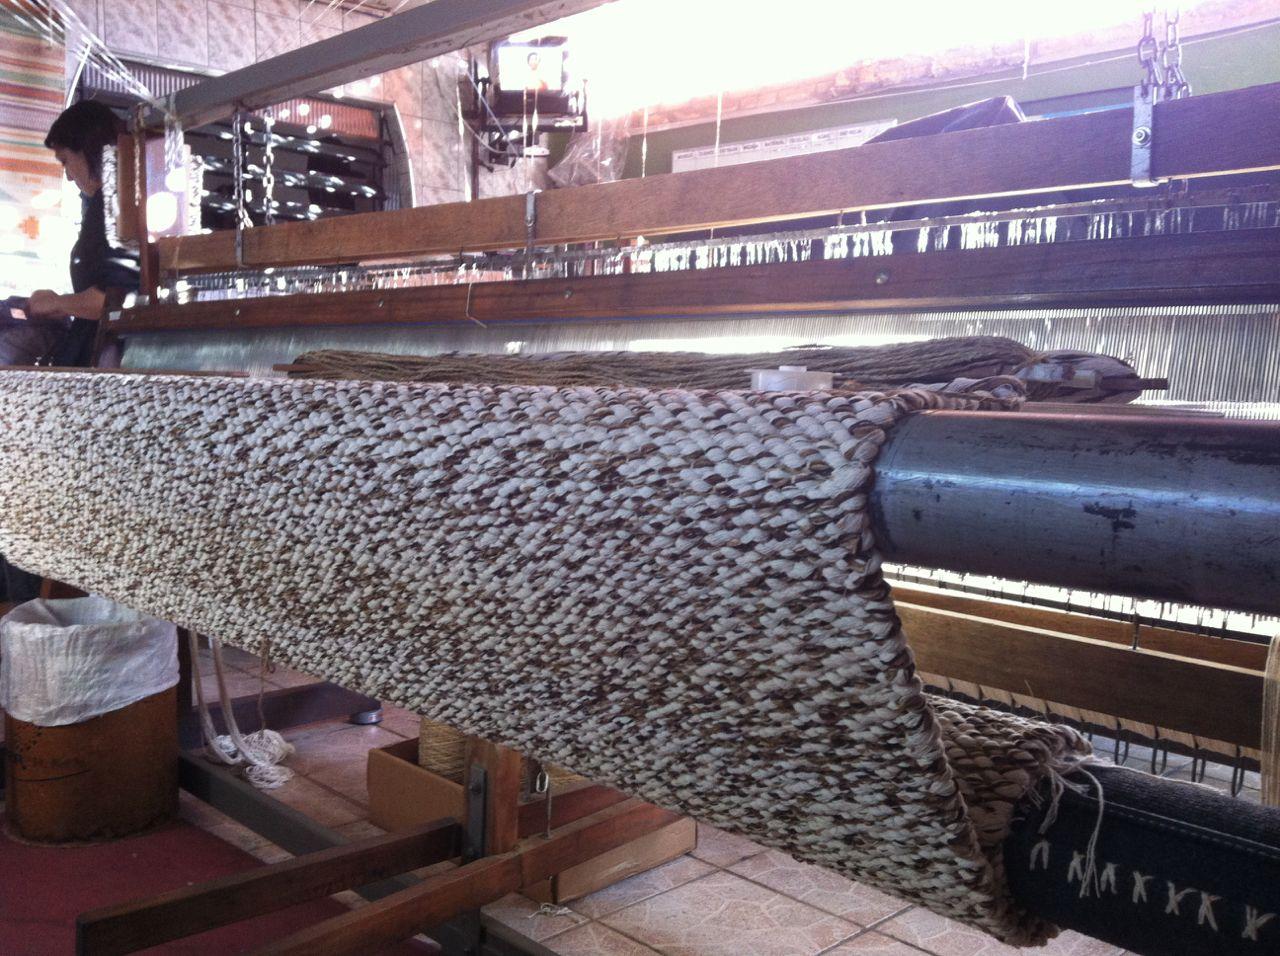 Tapete de sisal, chenille e algodão, trança